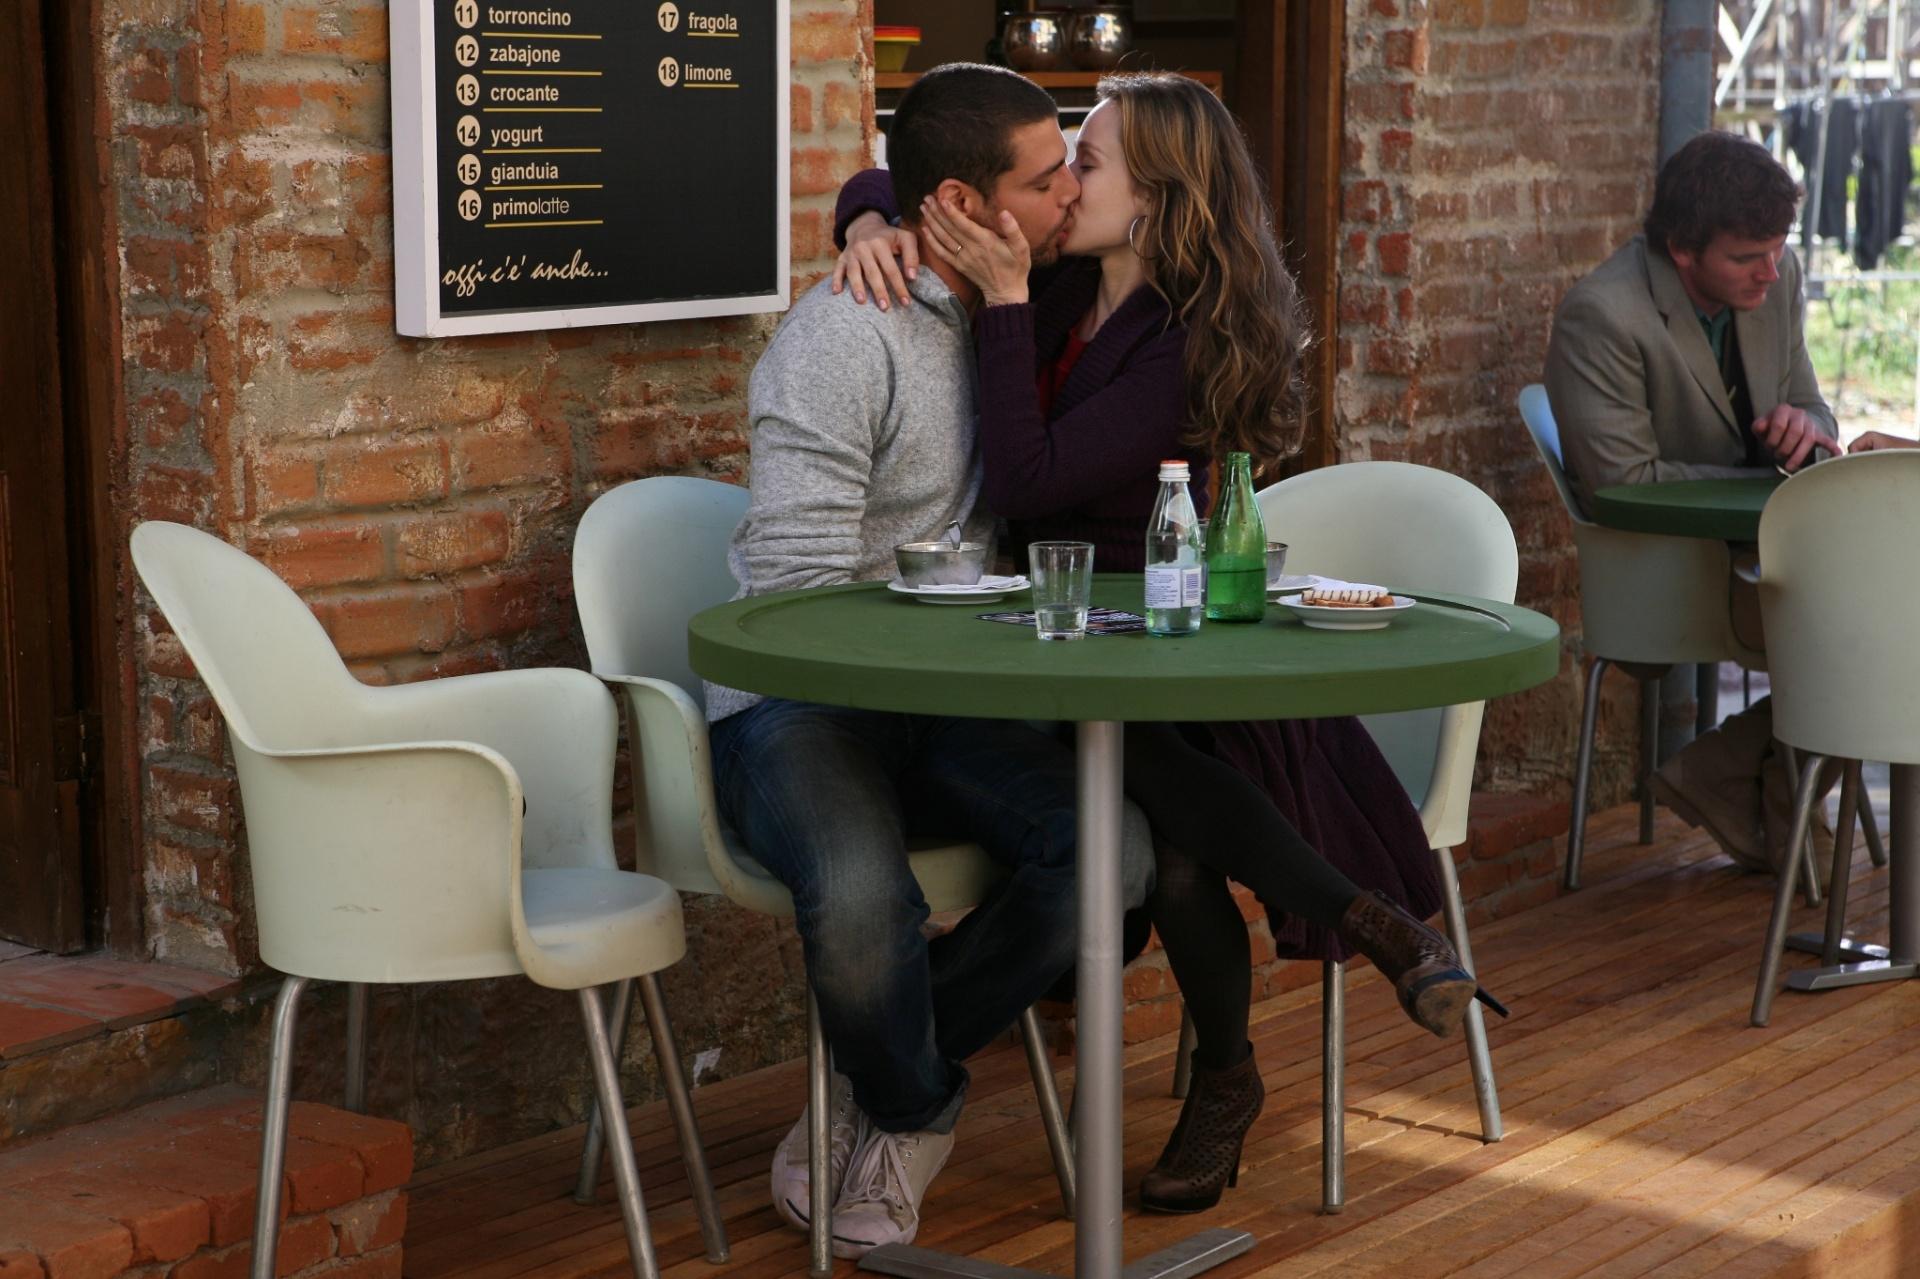 Mas Danilo acabou por se envolver amorosamente com a antagonista da história, a inescrupulosa Clara, papel vivido por Mariana Ximenes